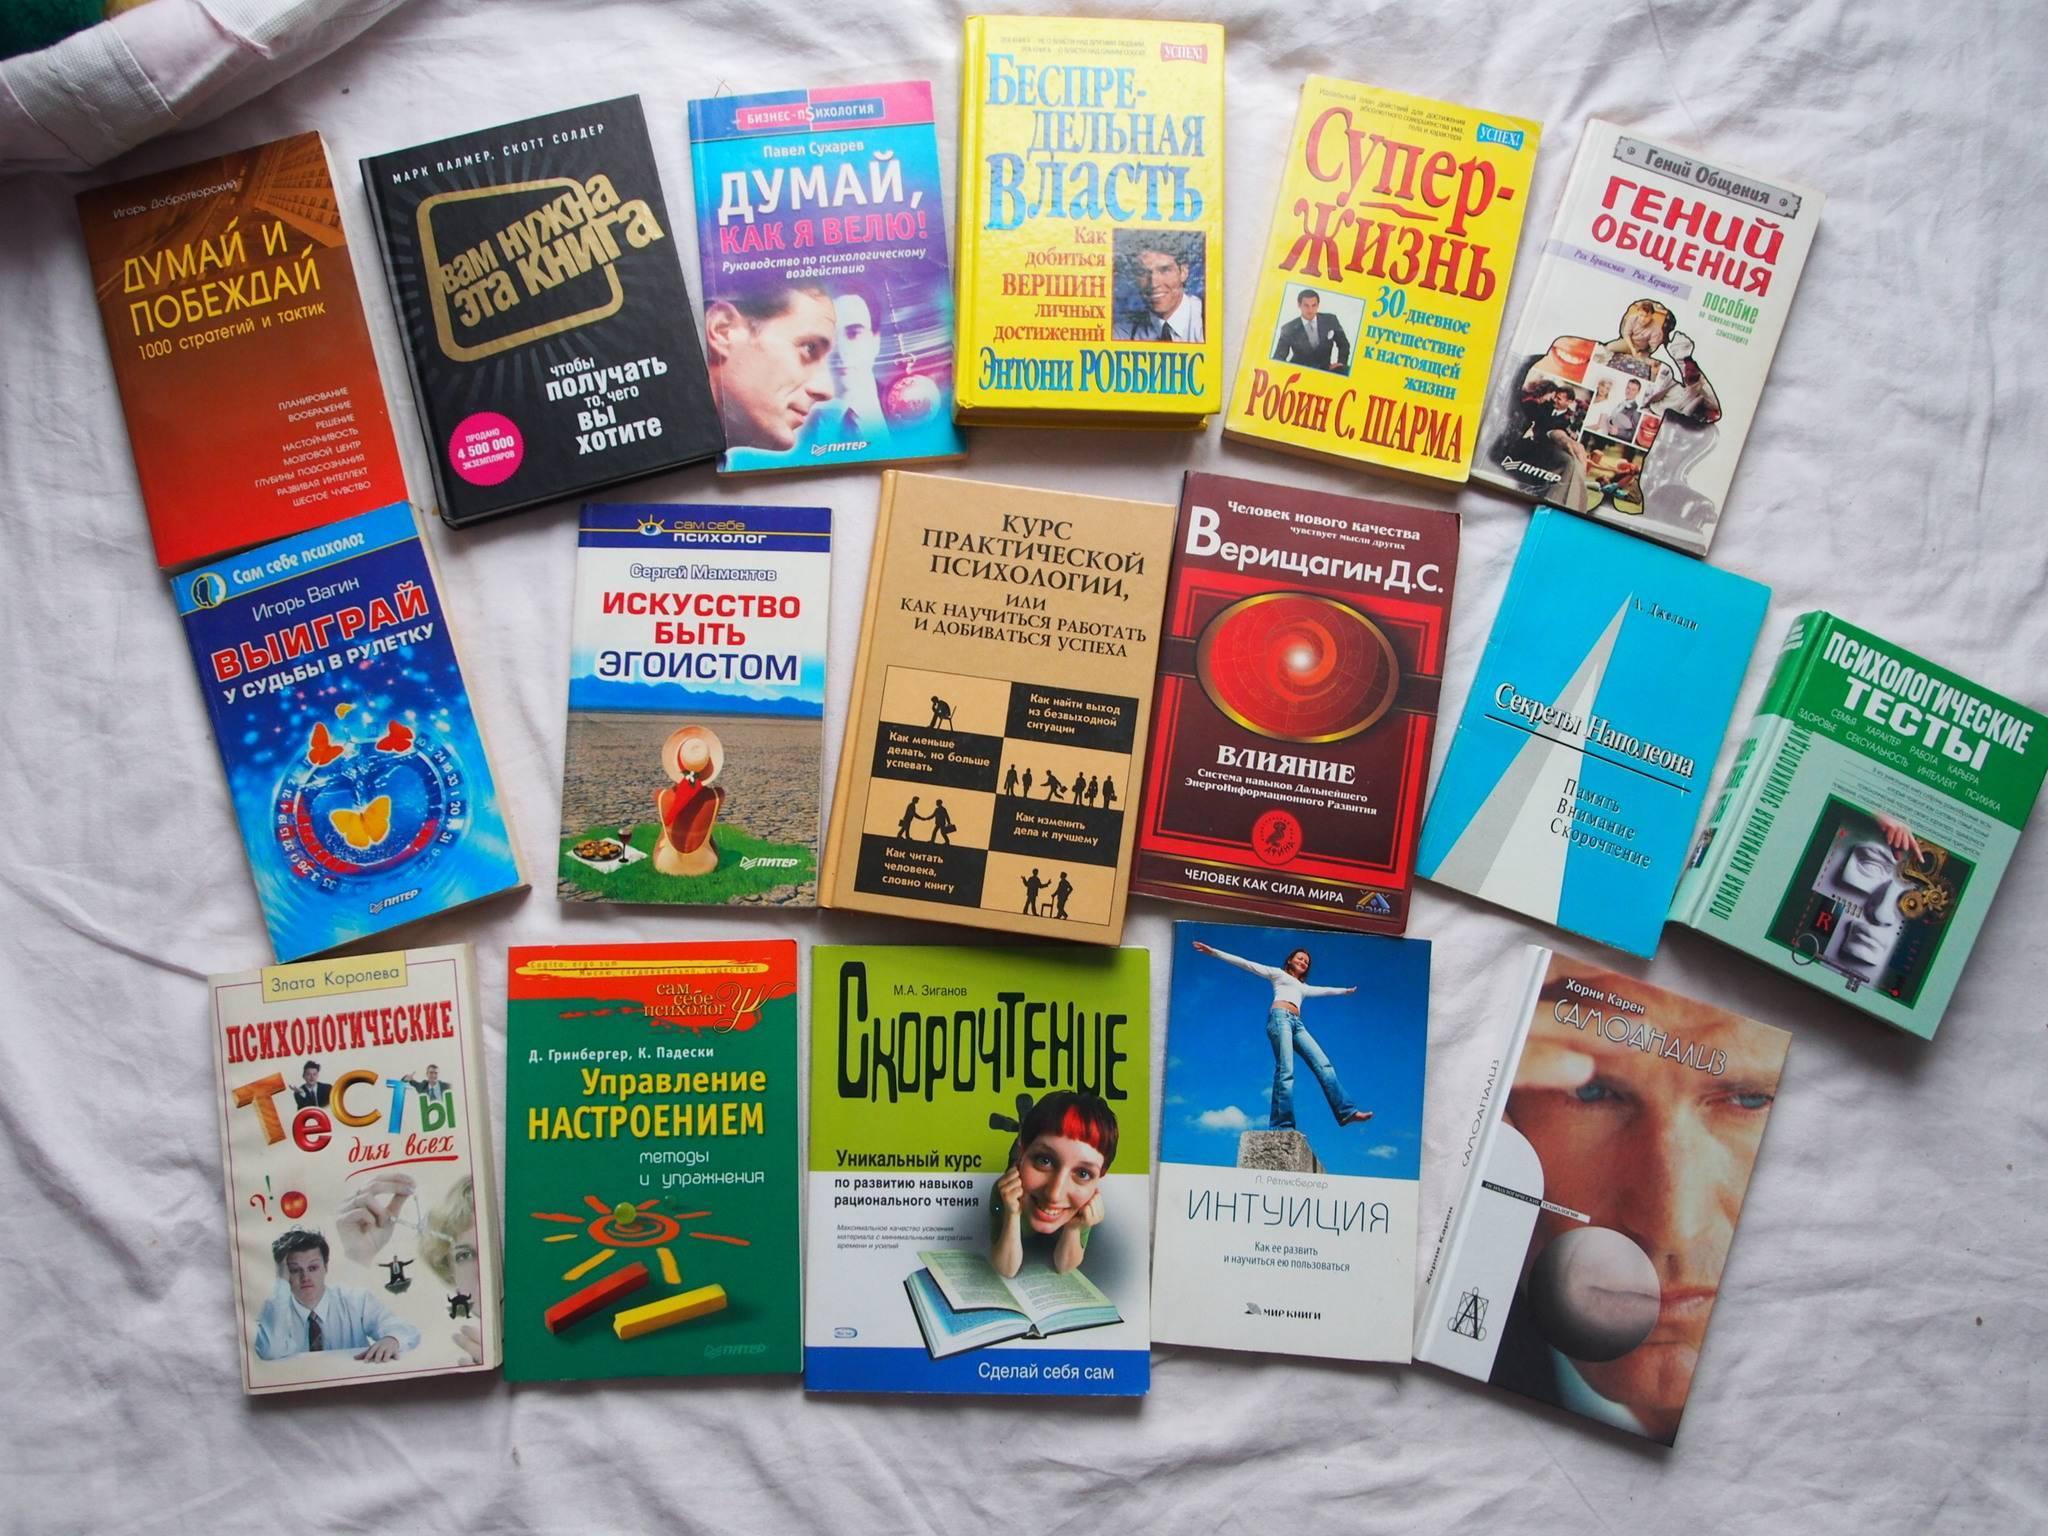 Детская психология для родителей: лучшие книги о воспитании детей для психологов, что стоит прочесть каждому, популярные издания | customs.news